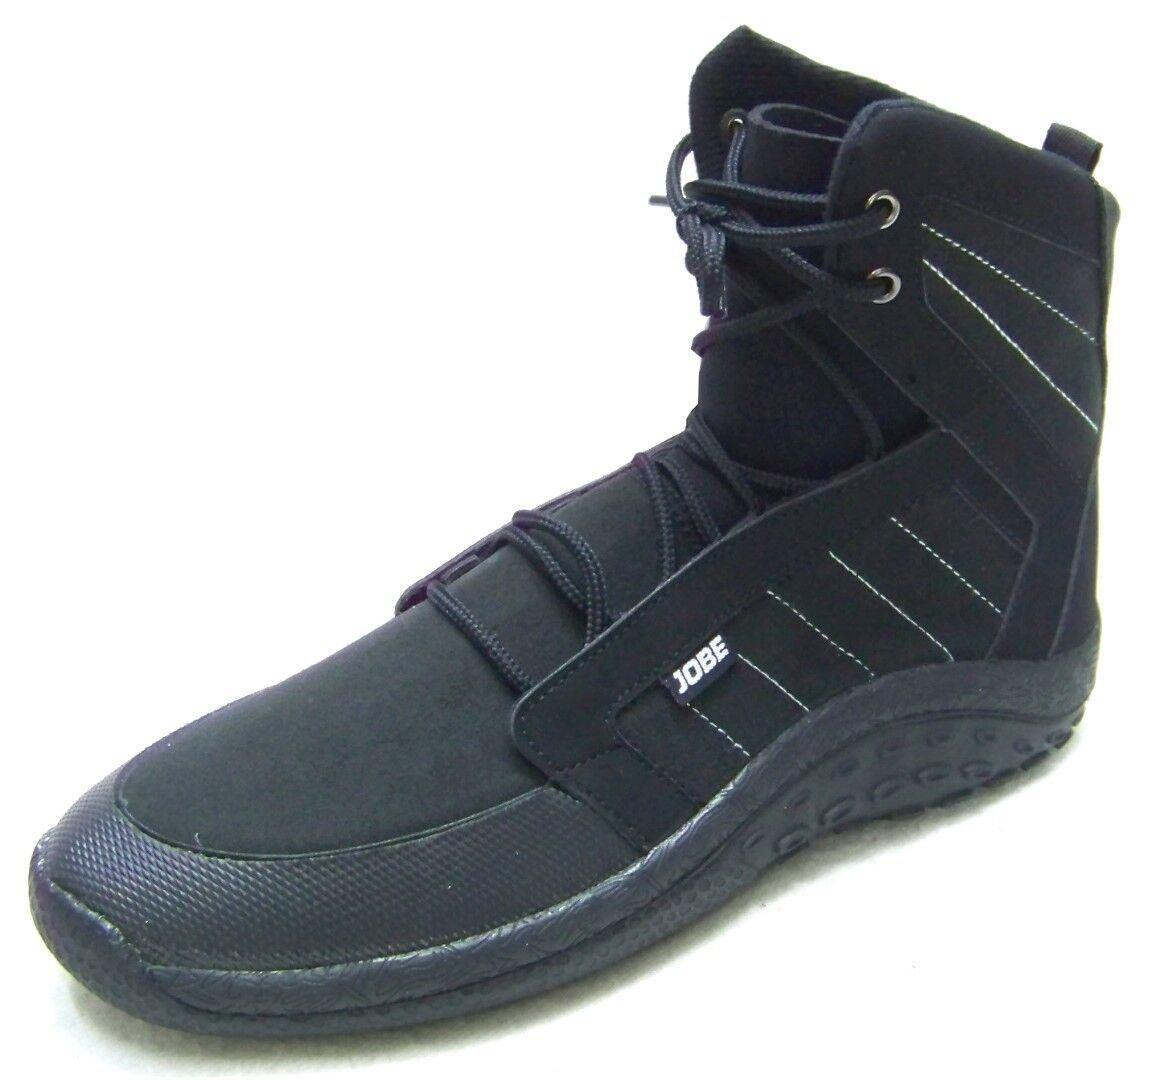 Neopreen laars zwart schoenen laars schoen Jet Ski laarzen schoen Sup Waterschoenen J15